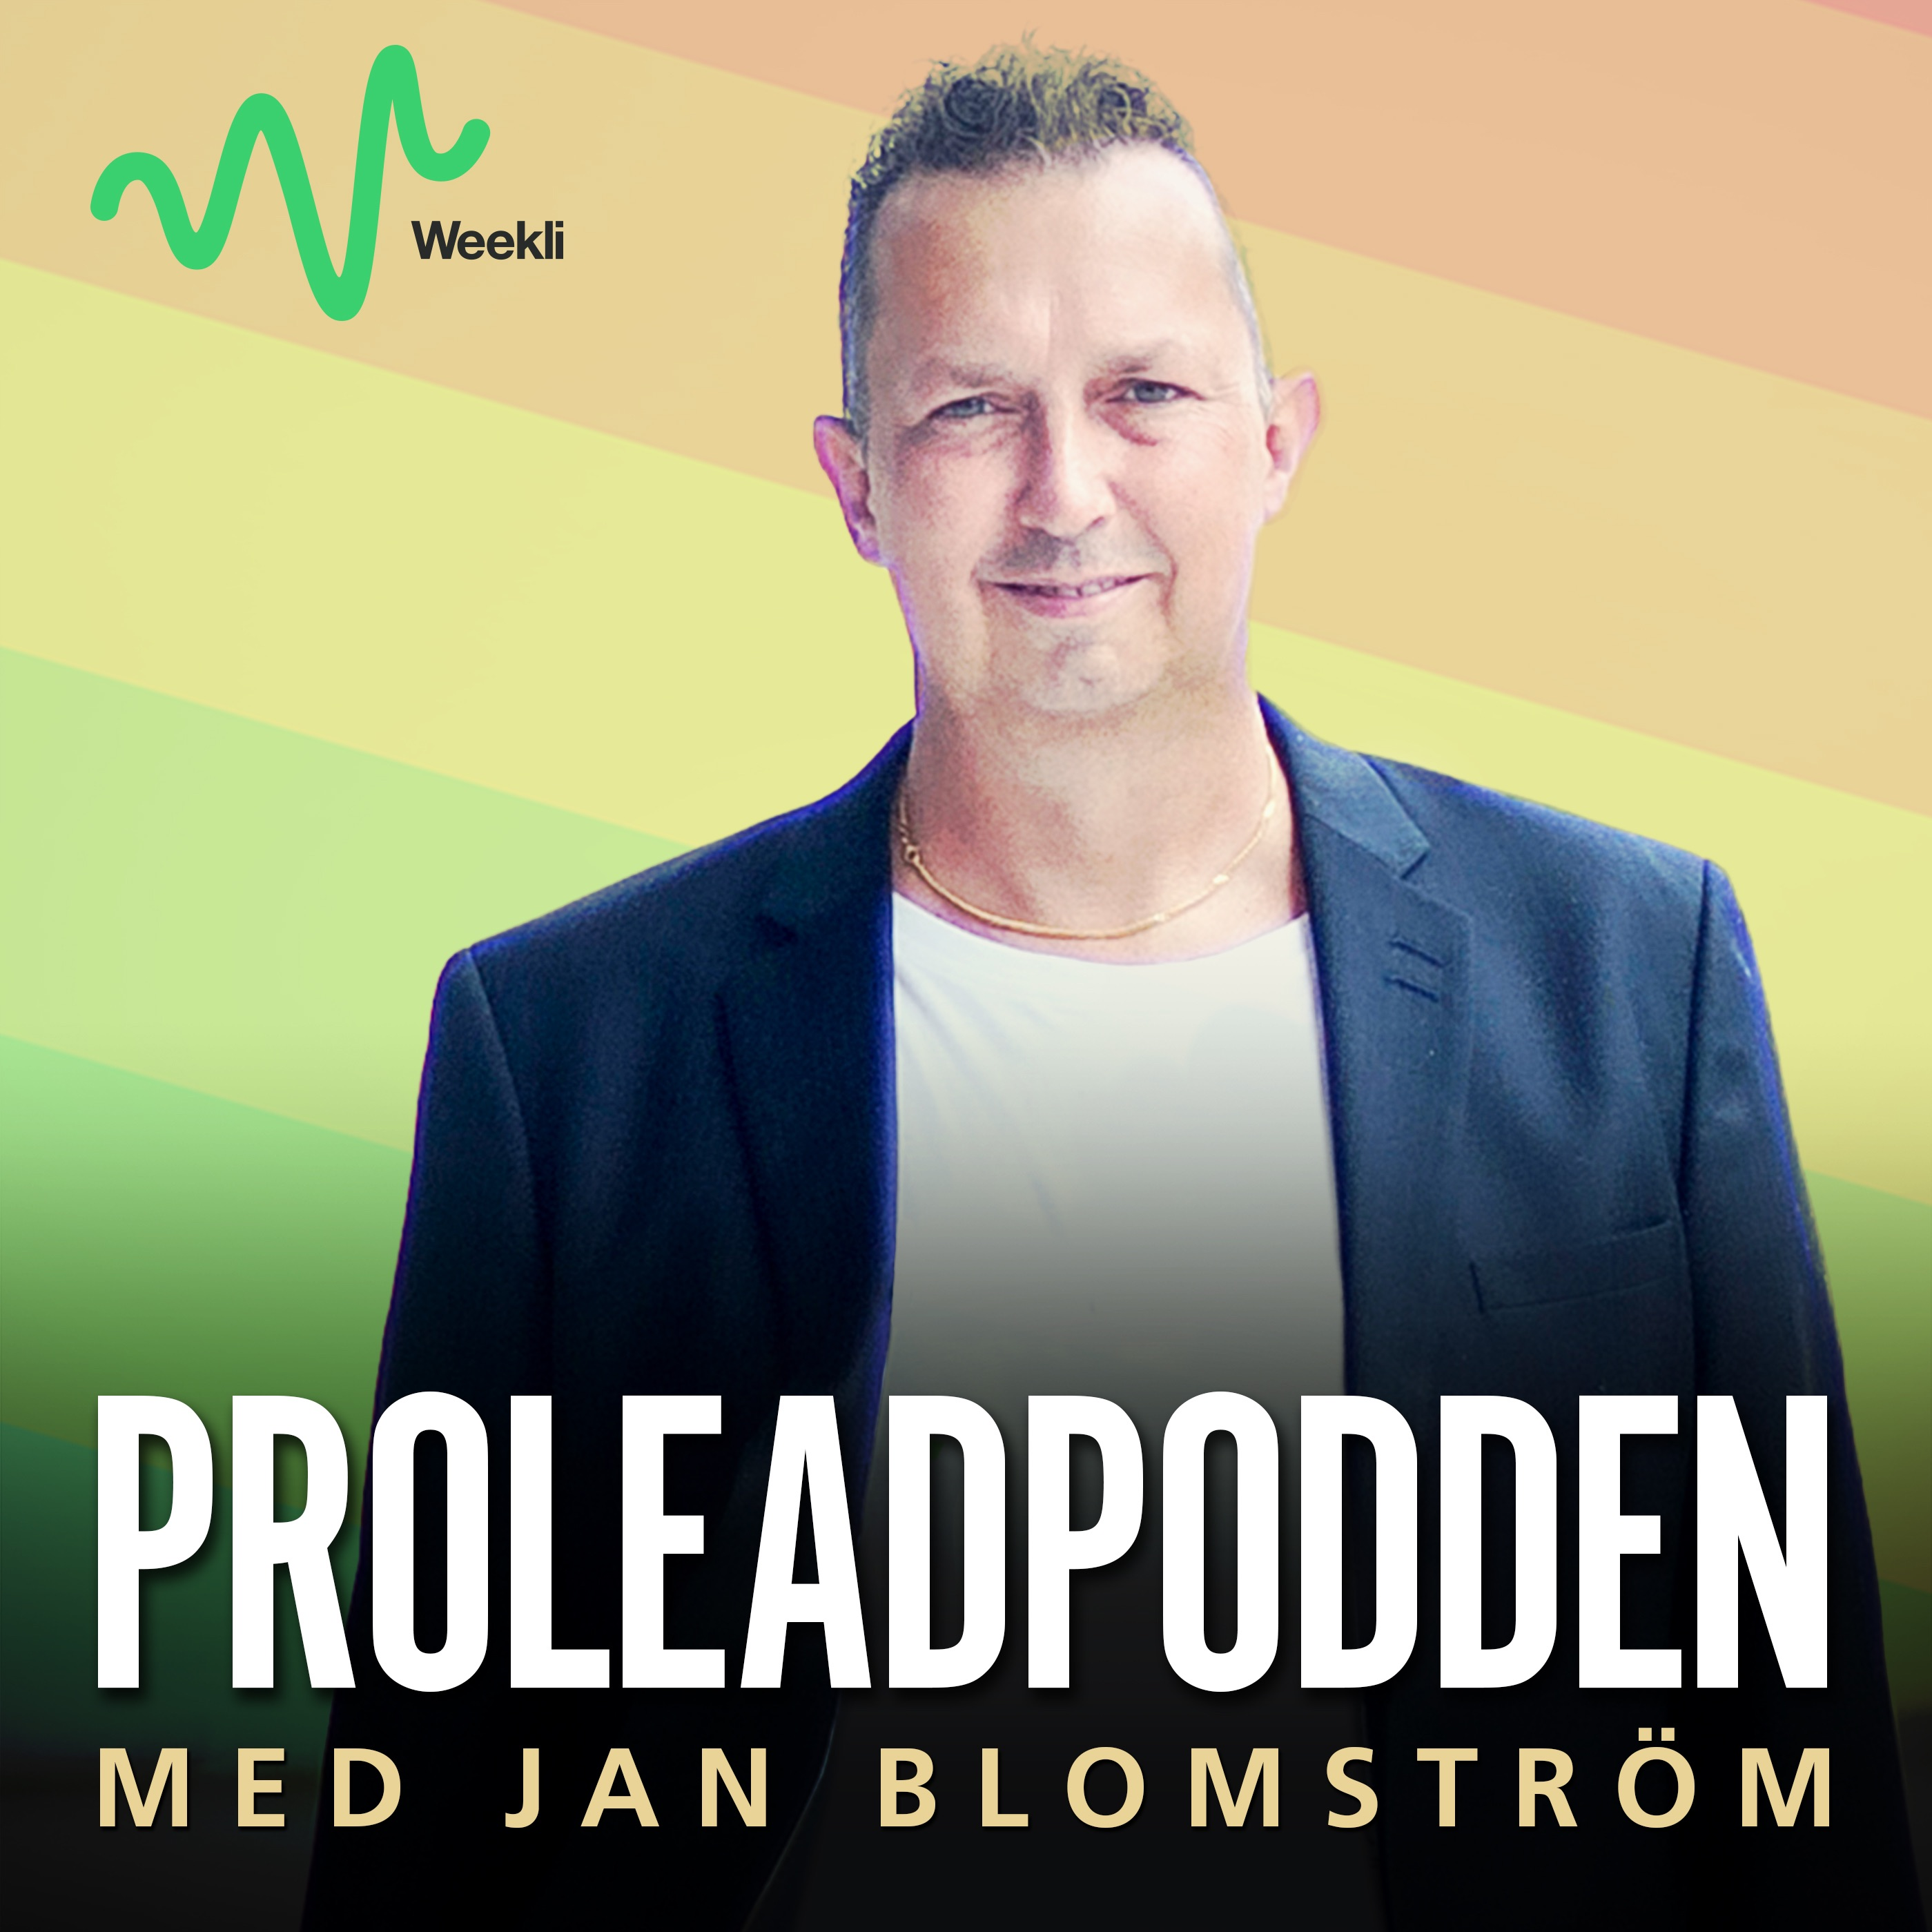 Proleadpodden - ledarskap & arbetsliv